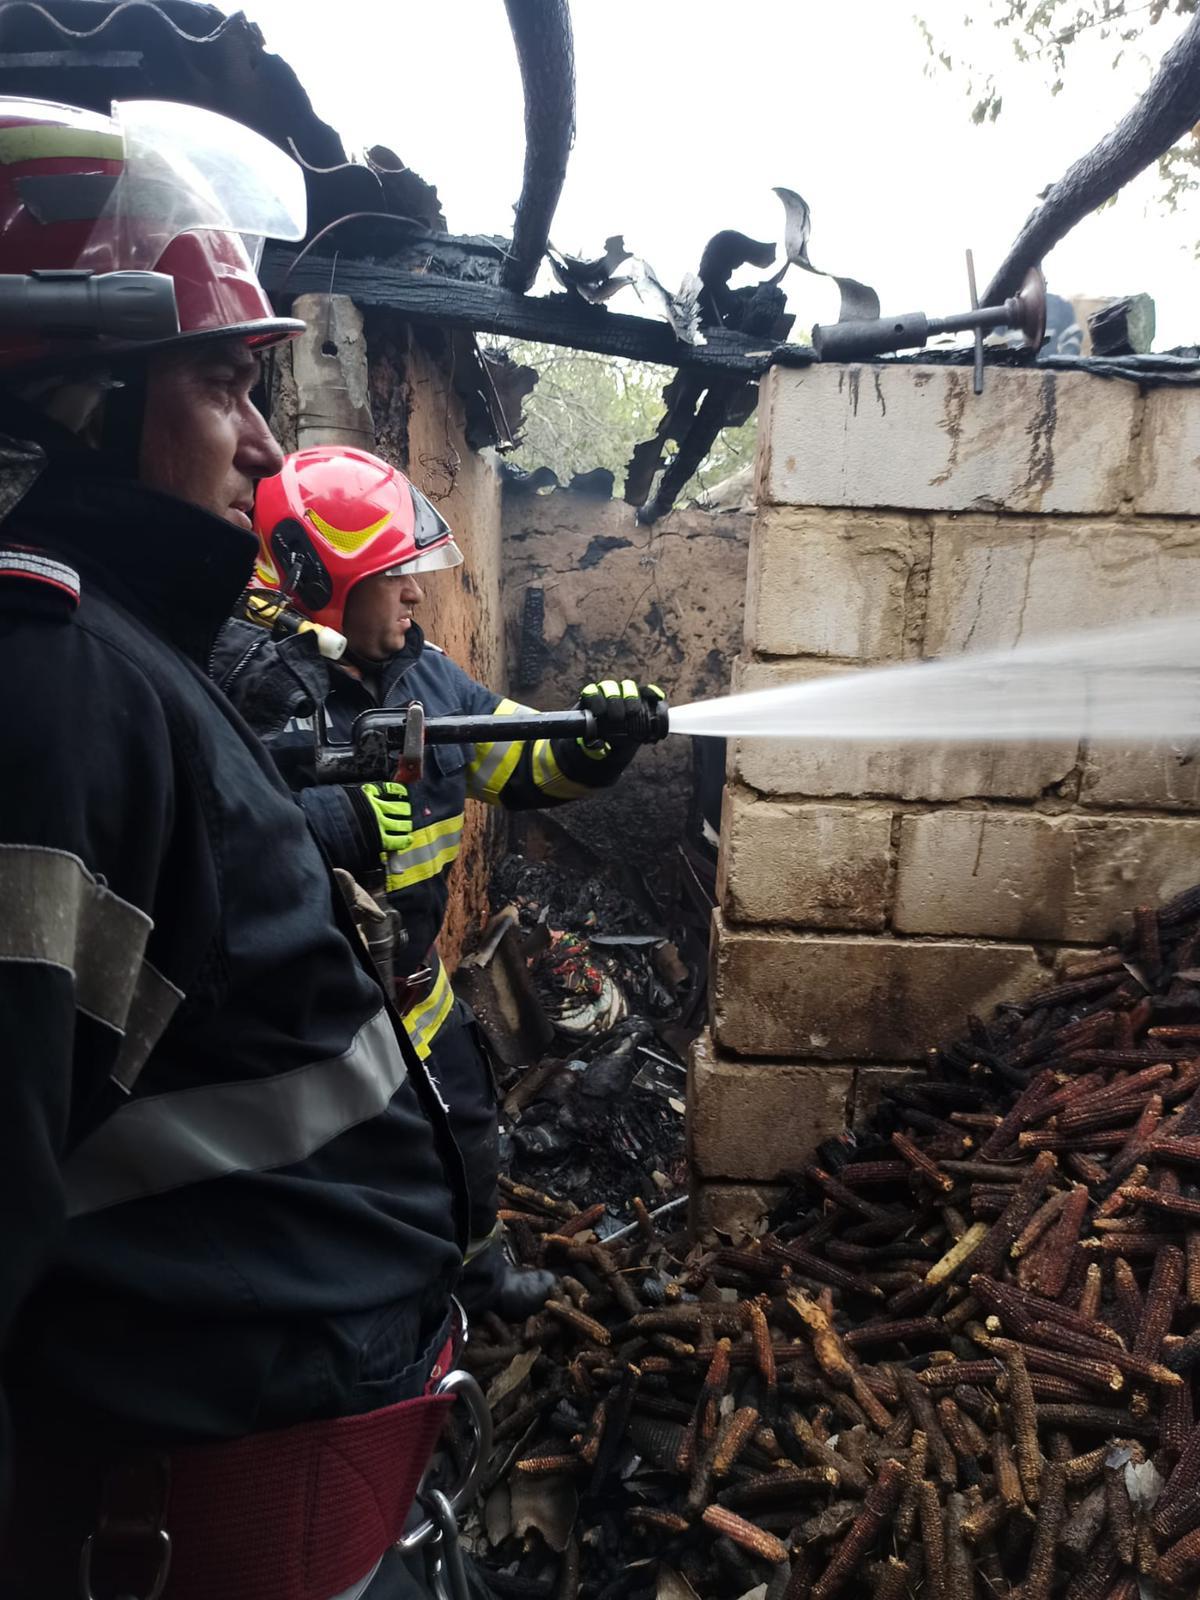 Coșul de fum trebuie curățat de un hornar autorizat, avertizează ISU Delta Tulcea! O casă din Ostrov era să ia foc cu totul, de la un coș necurățat!